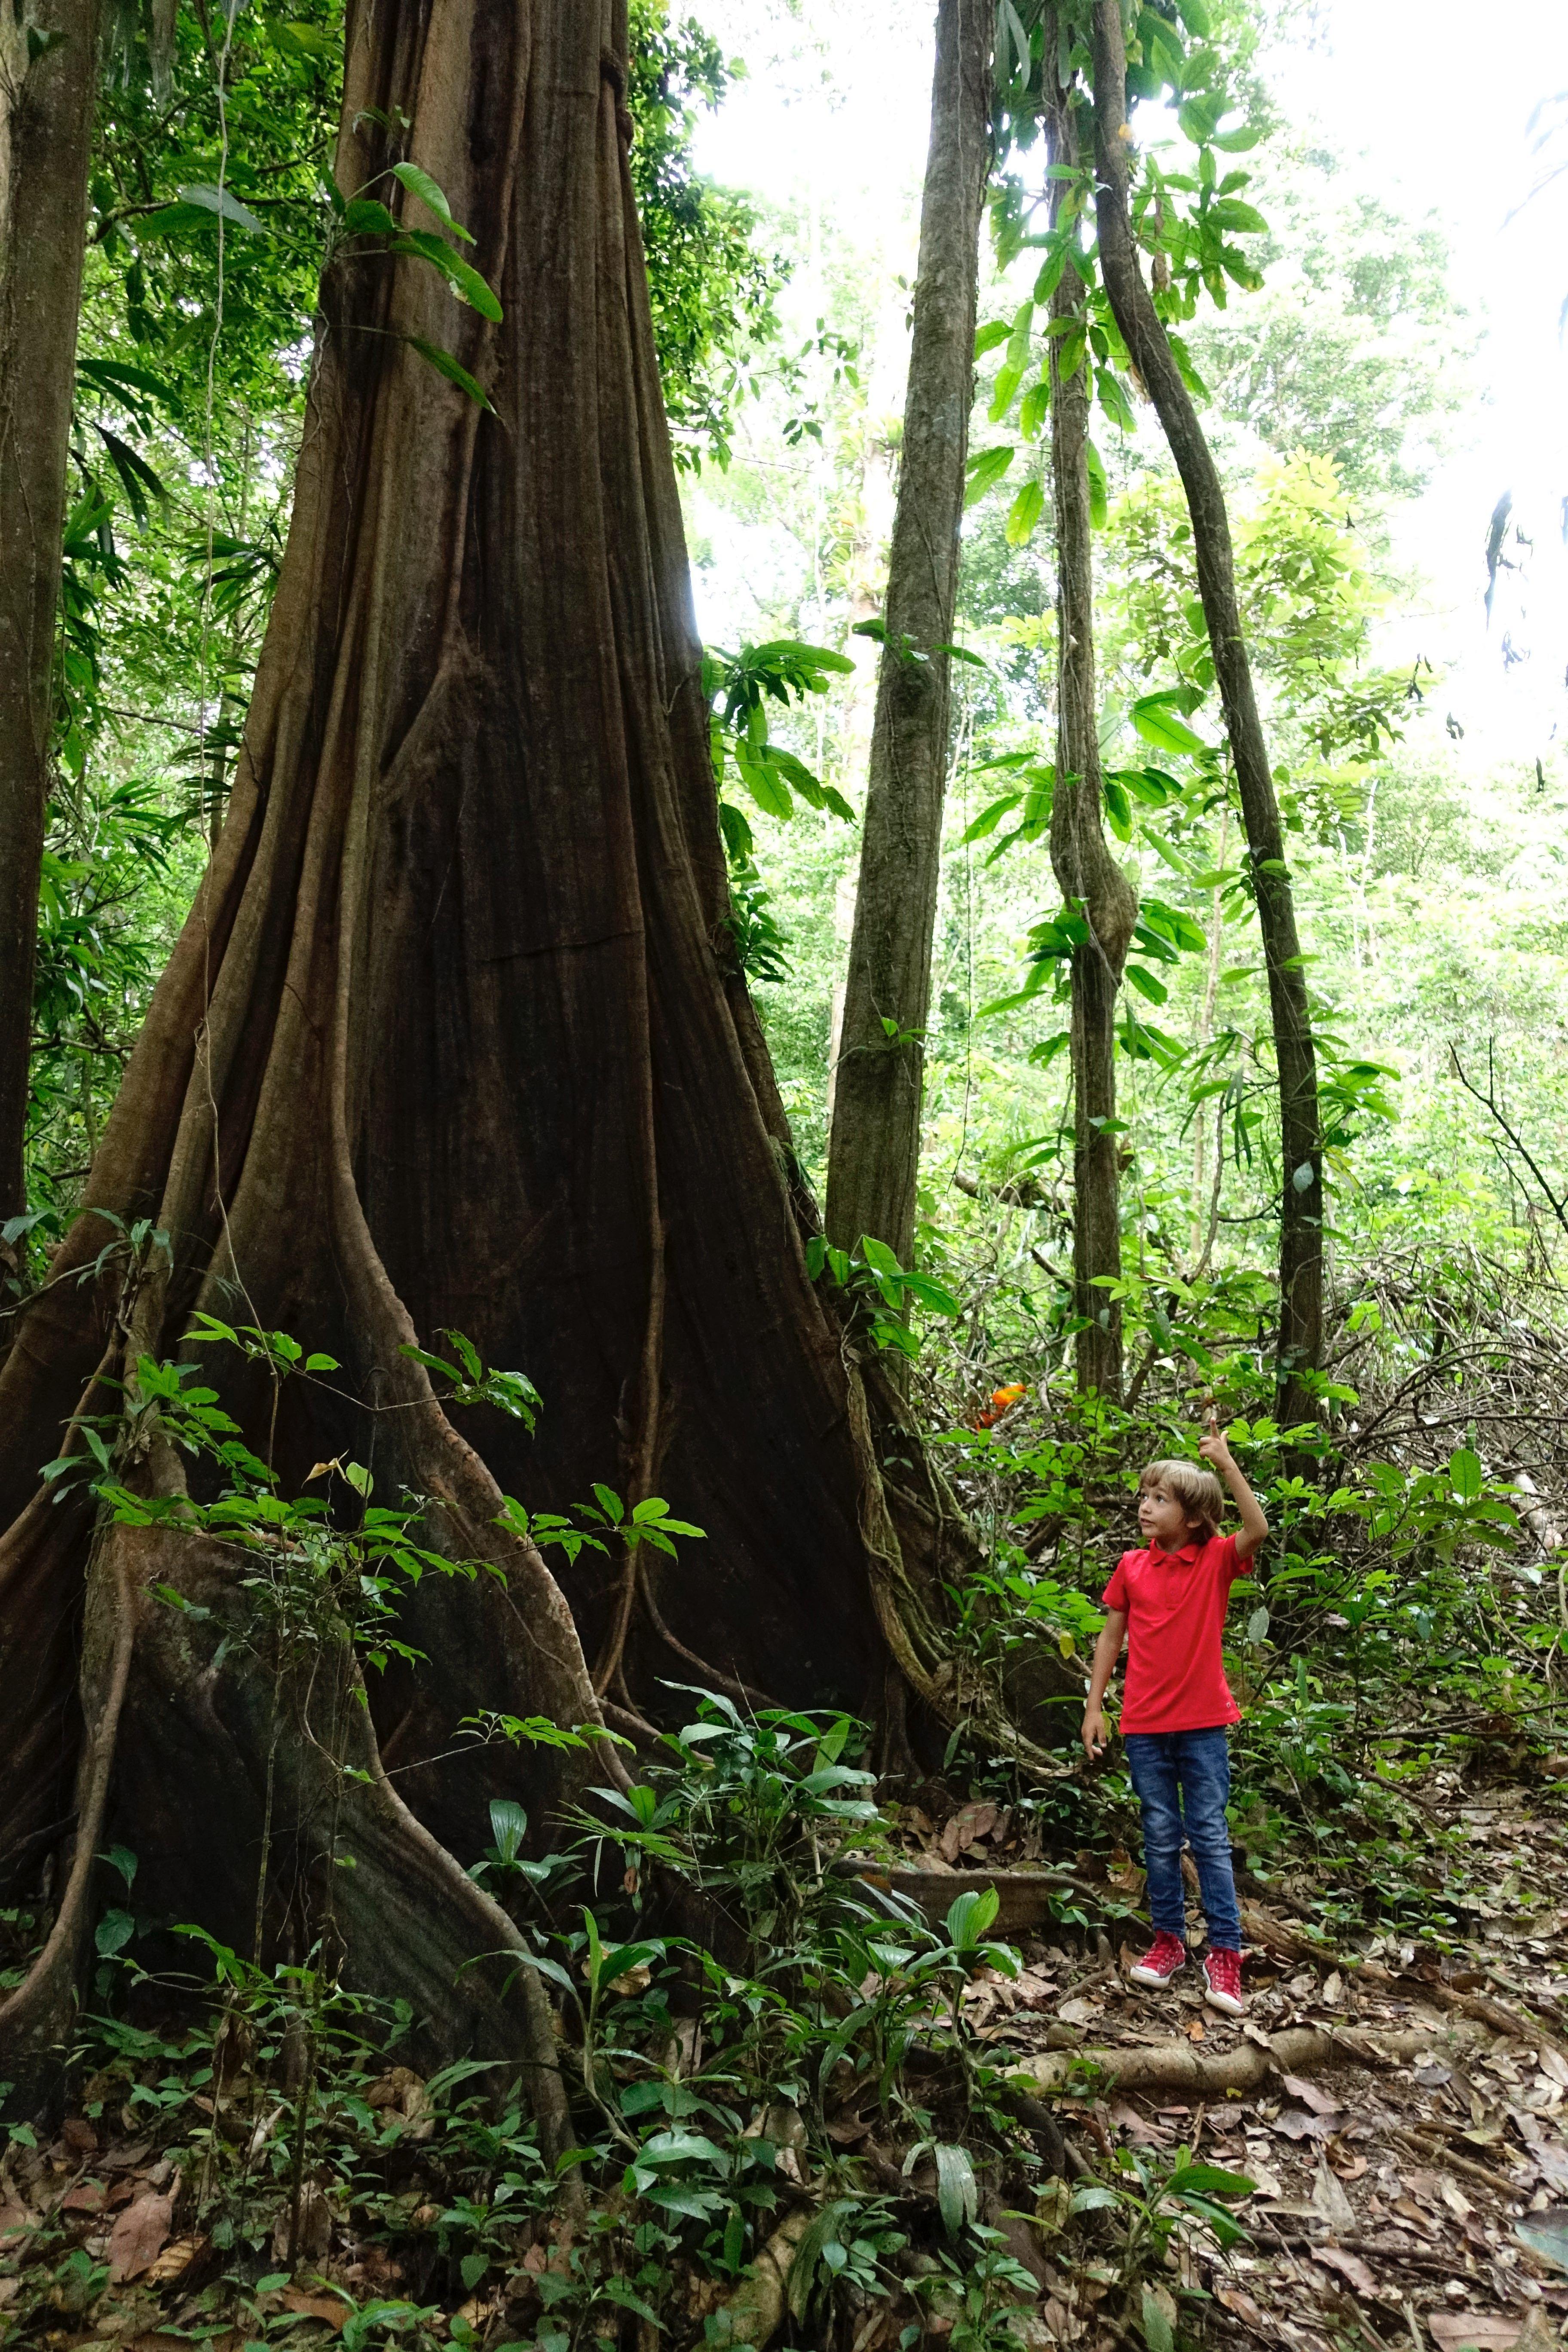 #Amazonie #Guyane #tournage #ArthurAutourDuMonde #découverte #voyage